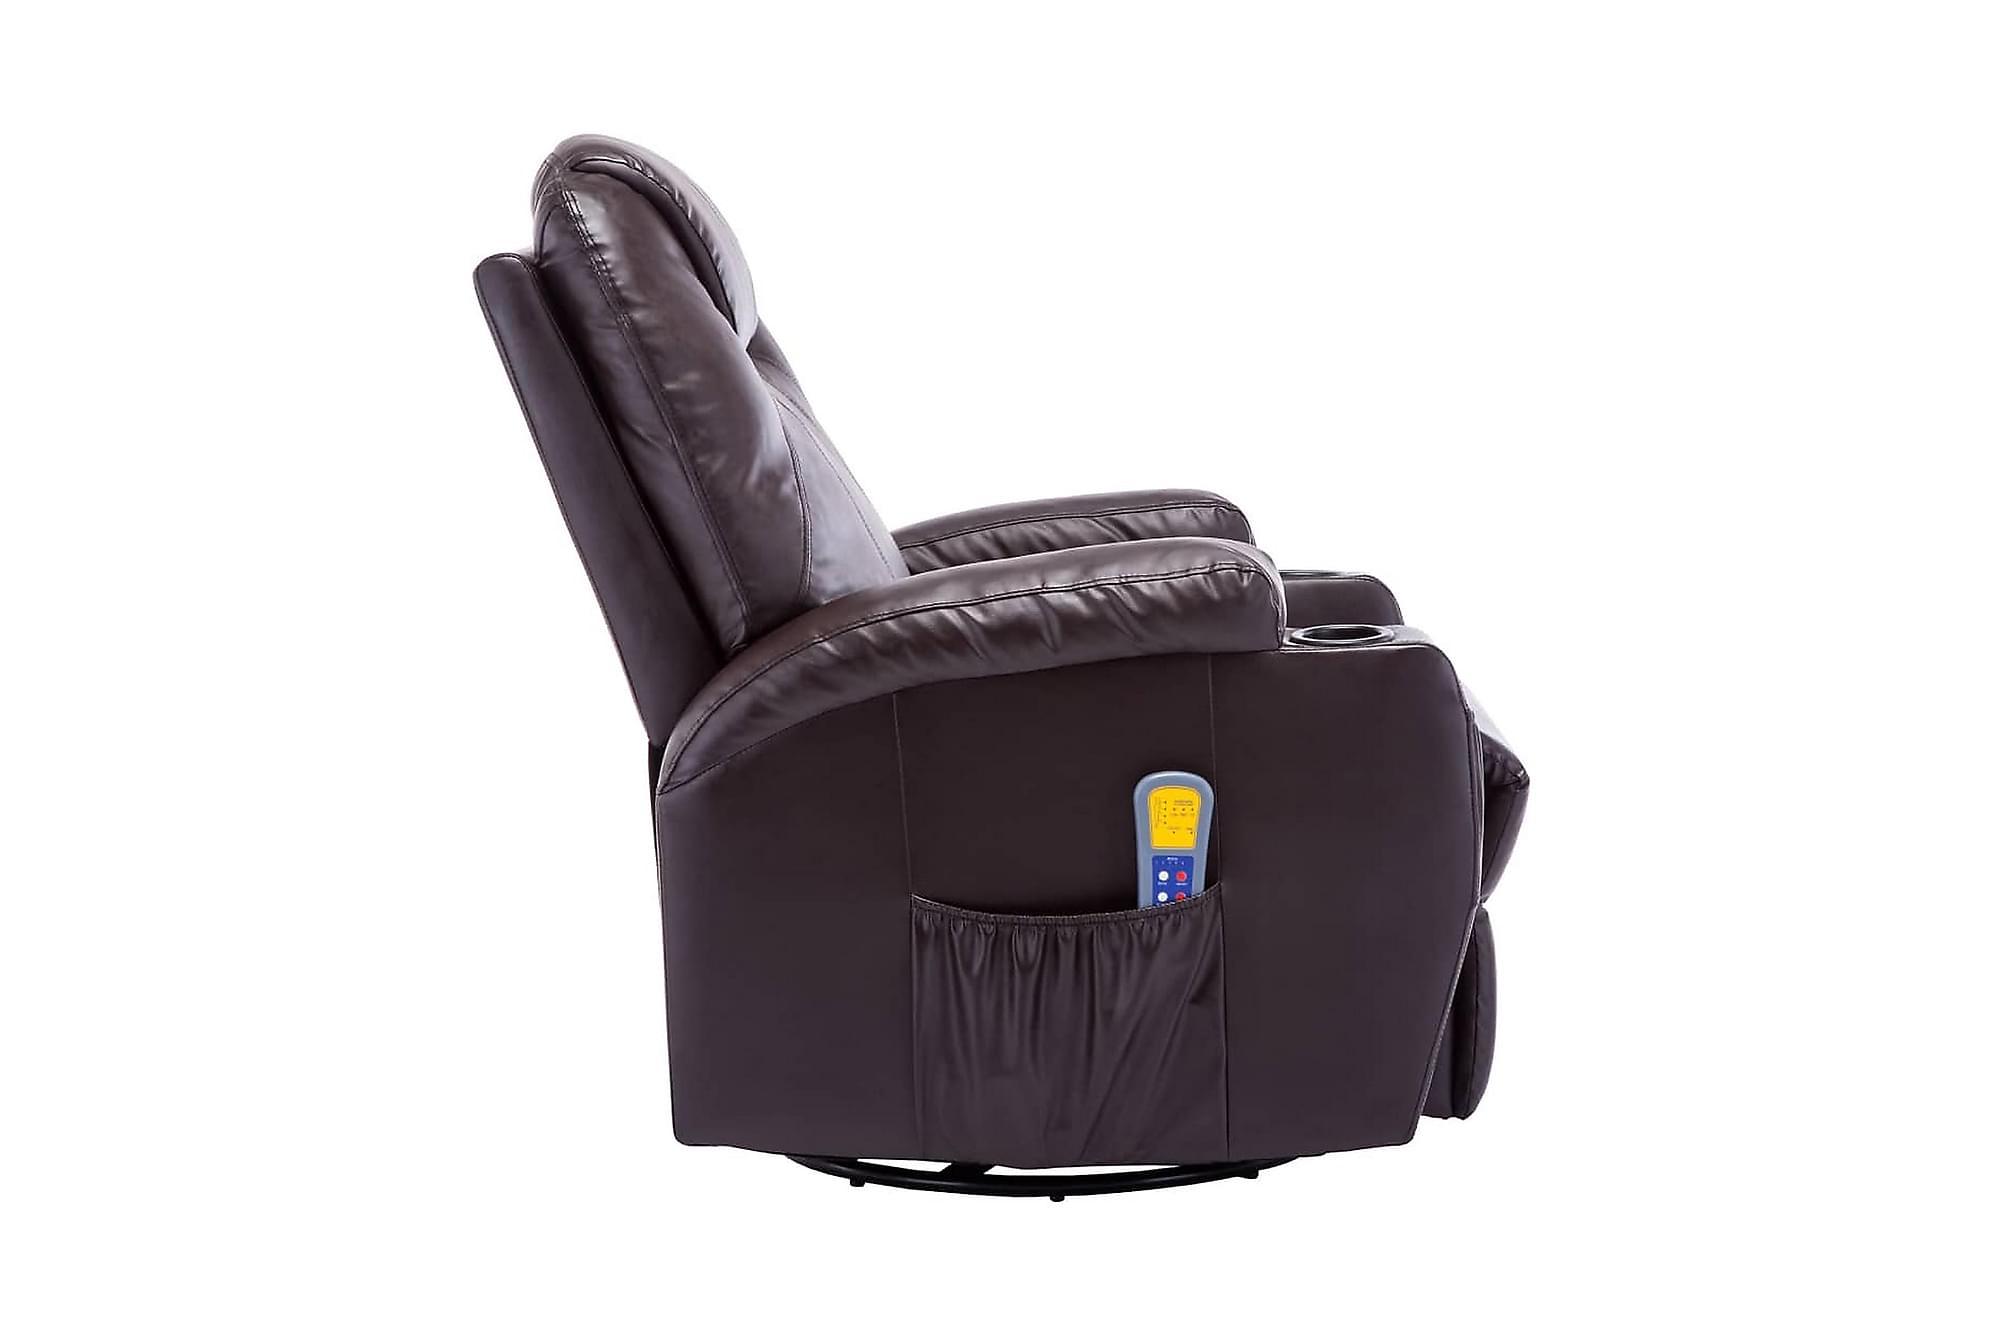 Gungande massagefåtölj justerbar brun konstläder, Massagestolar & massagefåtöljer